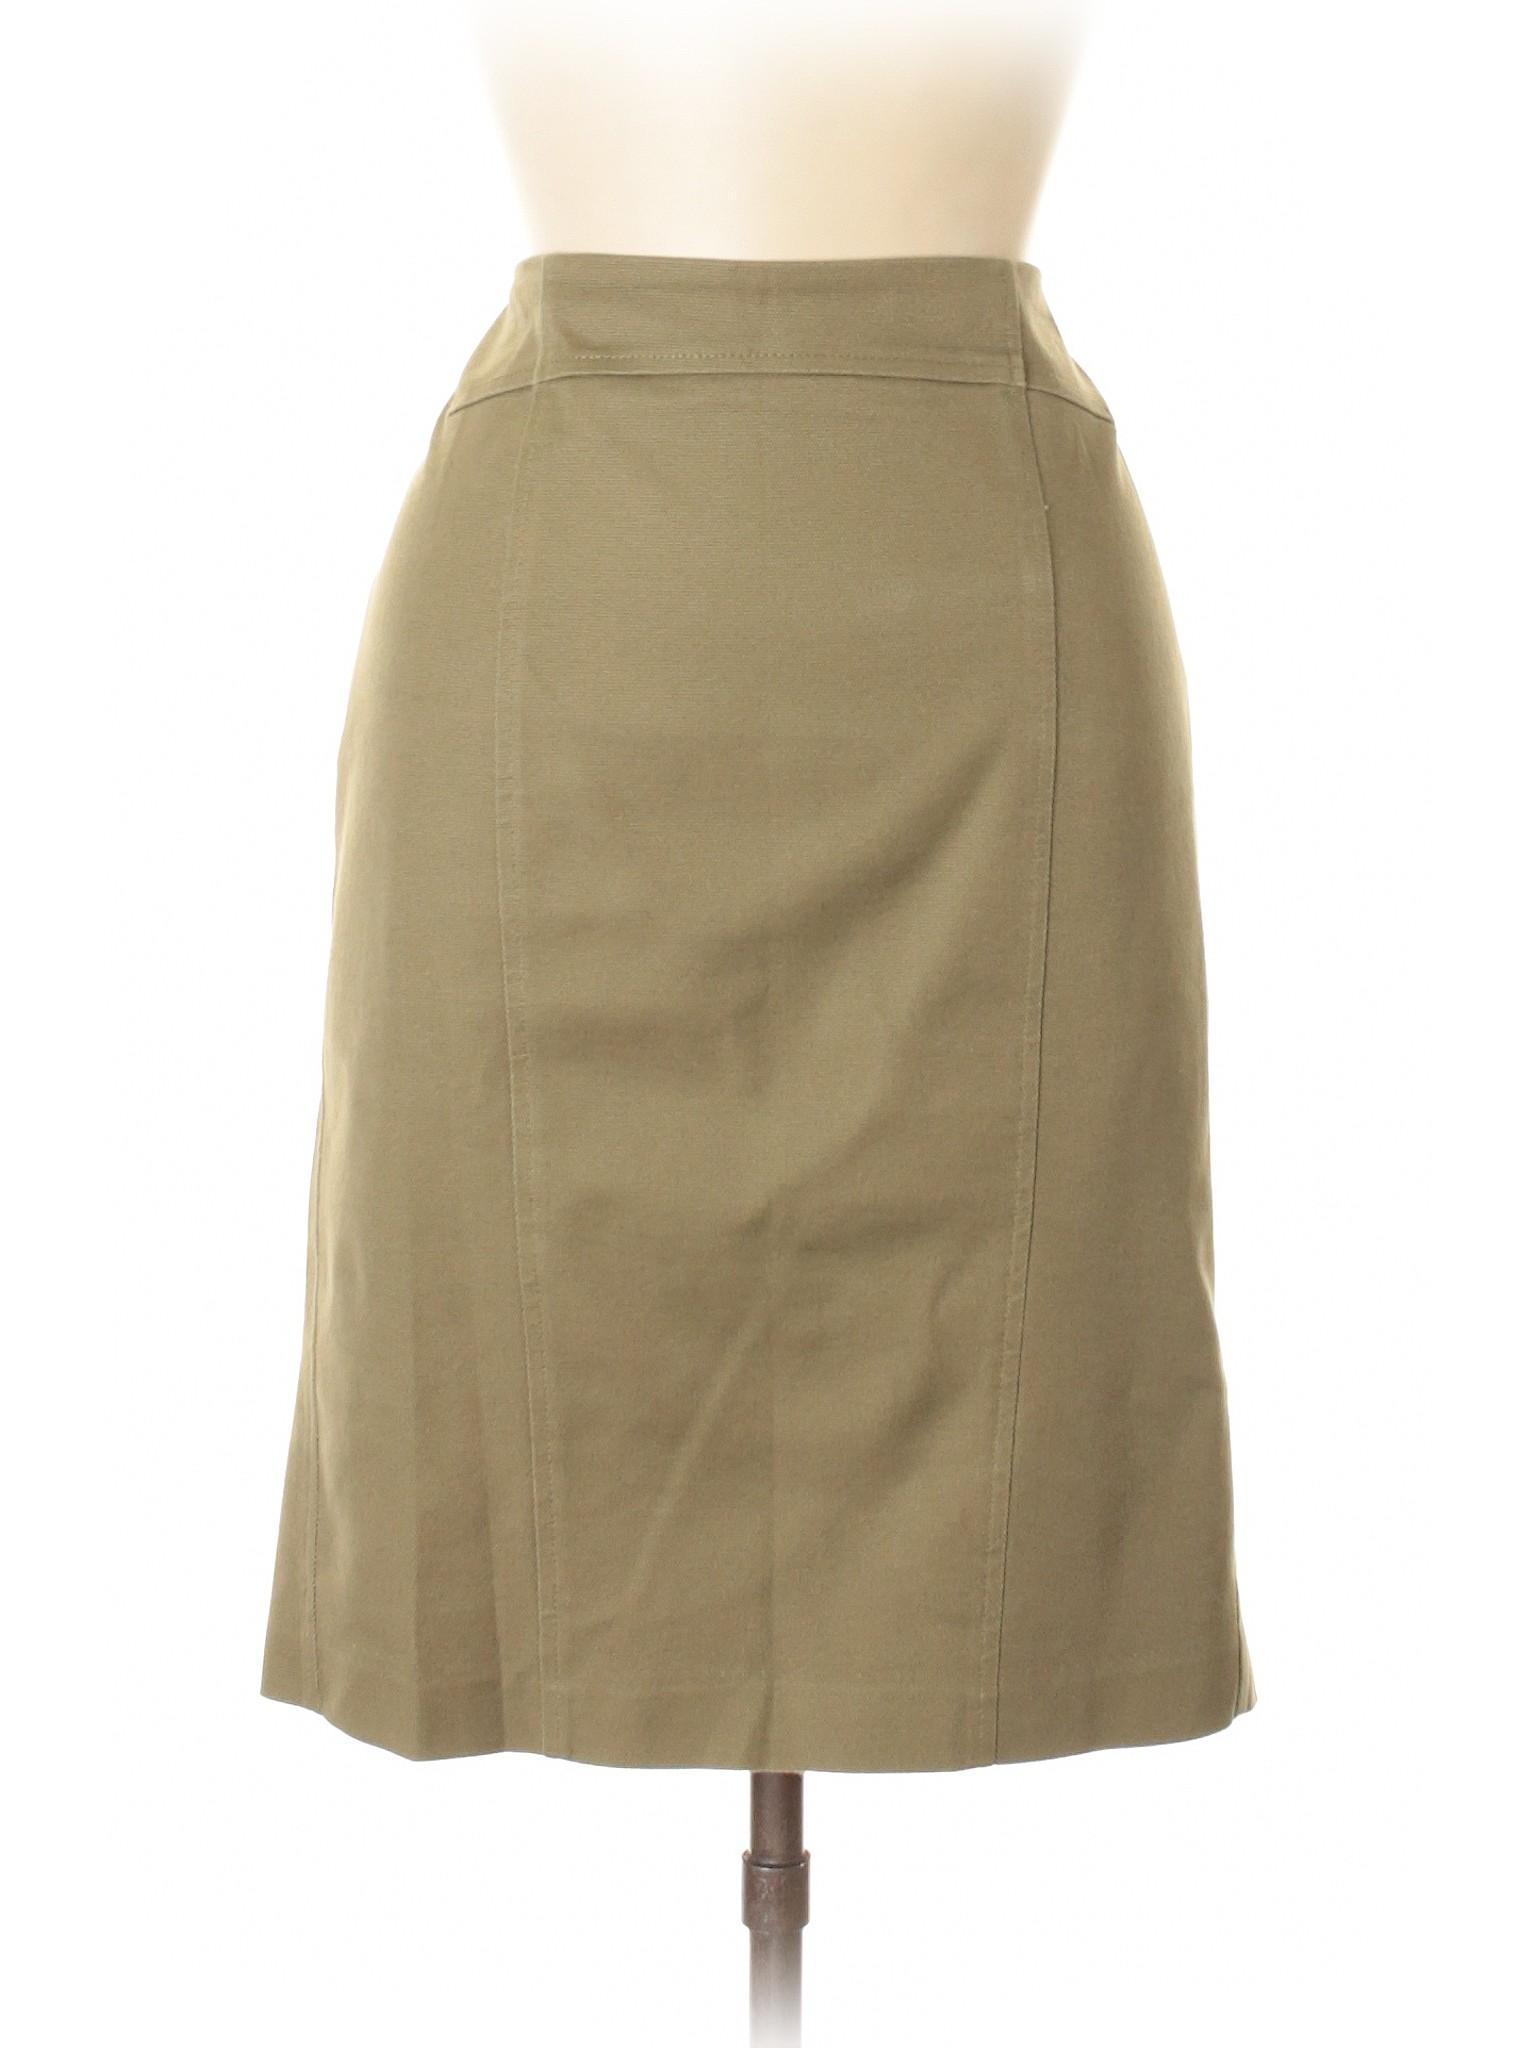 Casual Casual Casual Skirt Skirt Skirt Boutique Boutique Boutique wYnZOvqx